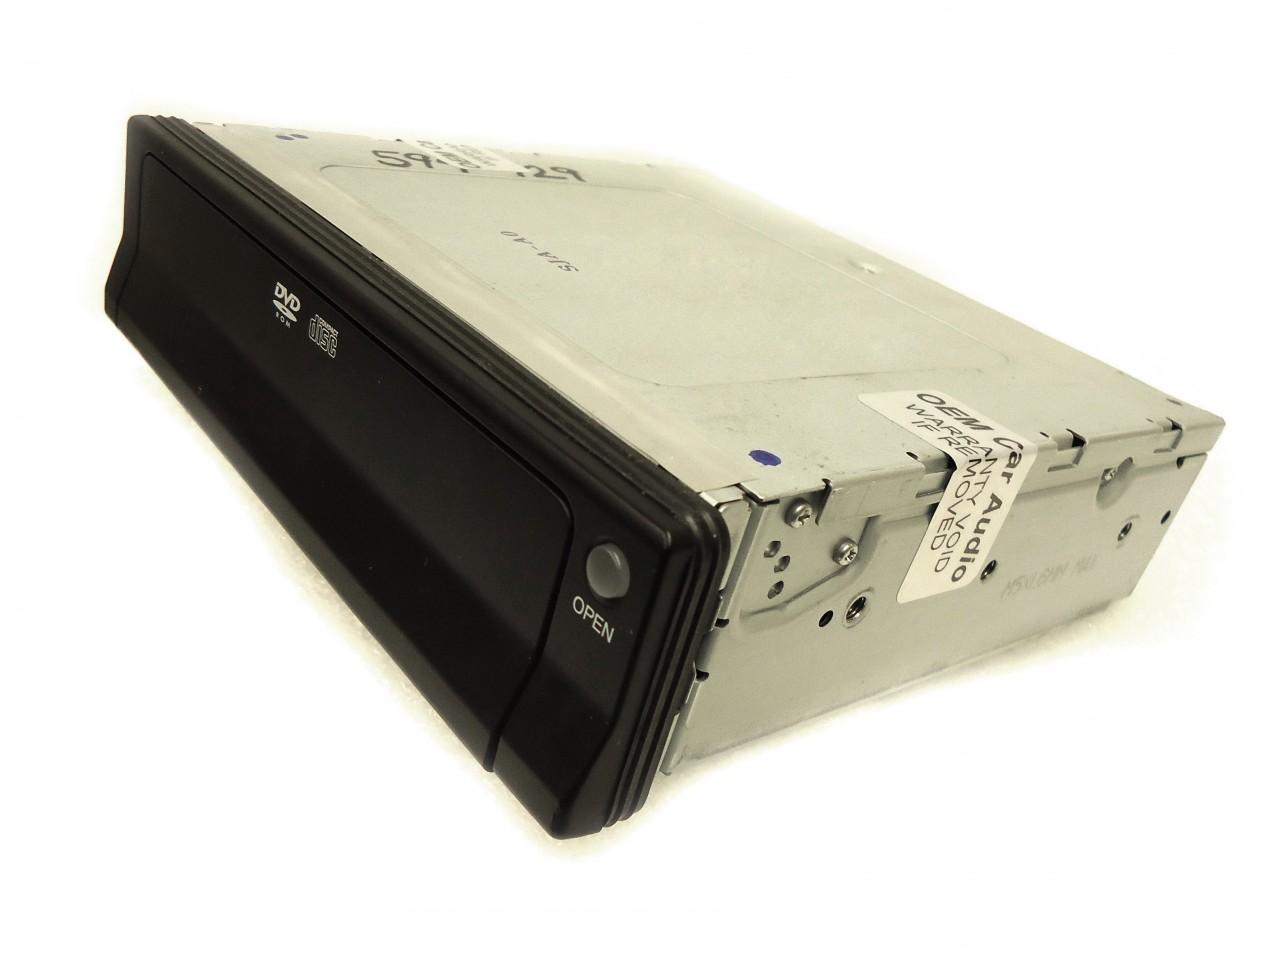 05 06 acura mdx navigation gps system dvd rom map disc disk drive player oem ebay. Black Bedroom Furniture Sets. Home Design Ideas